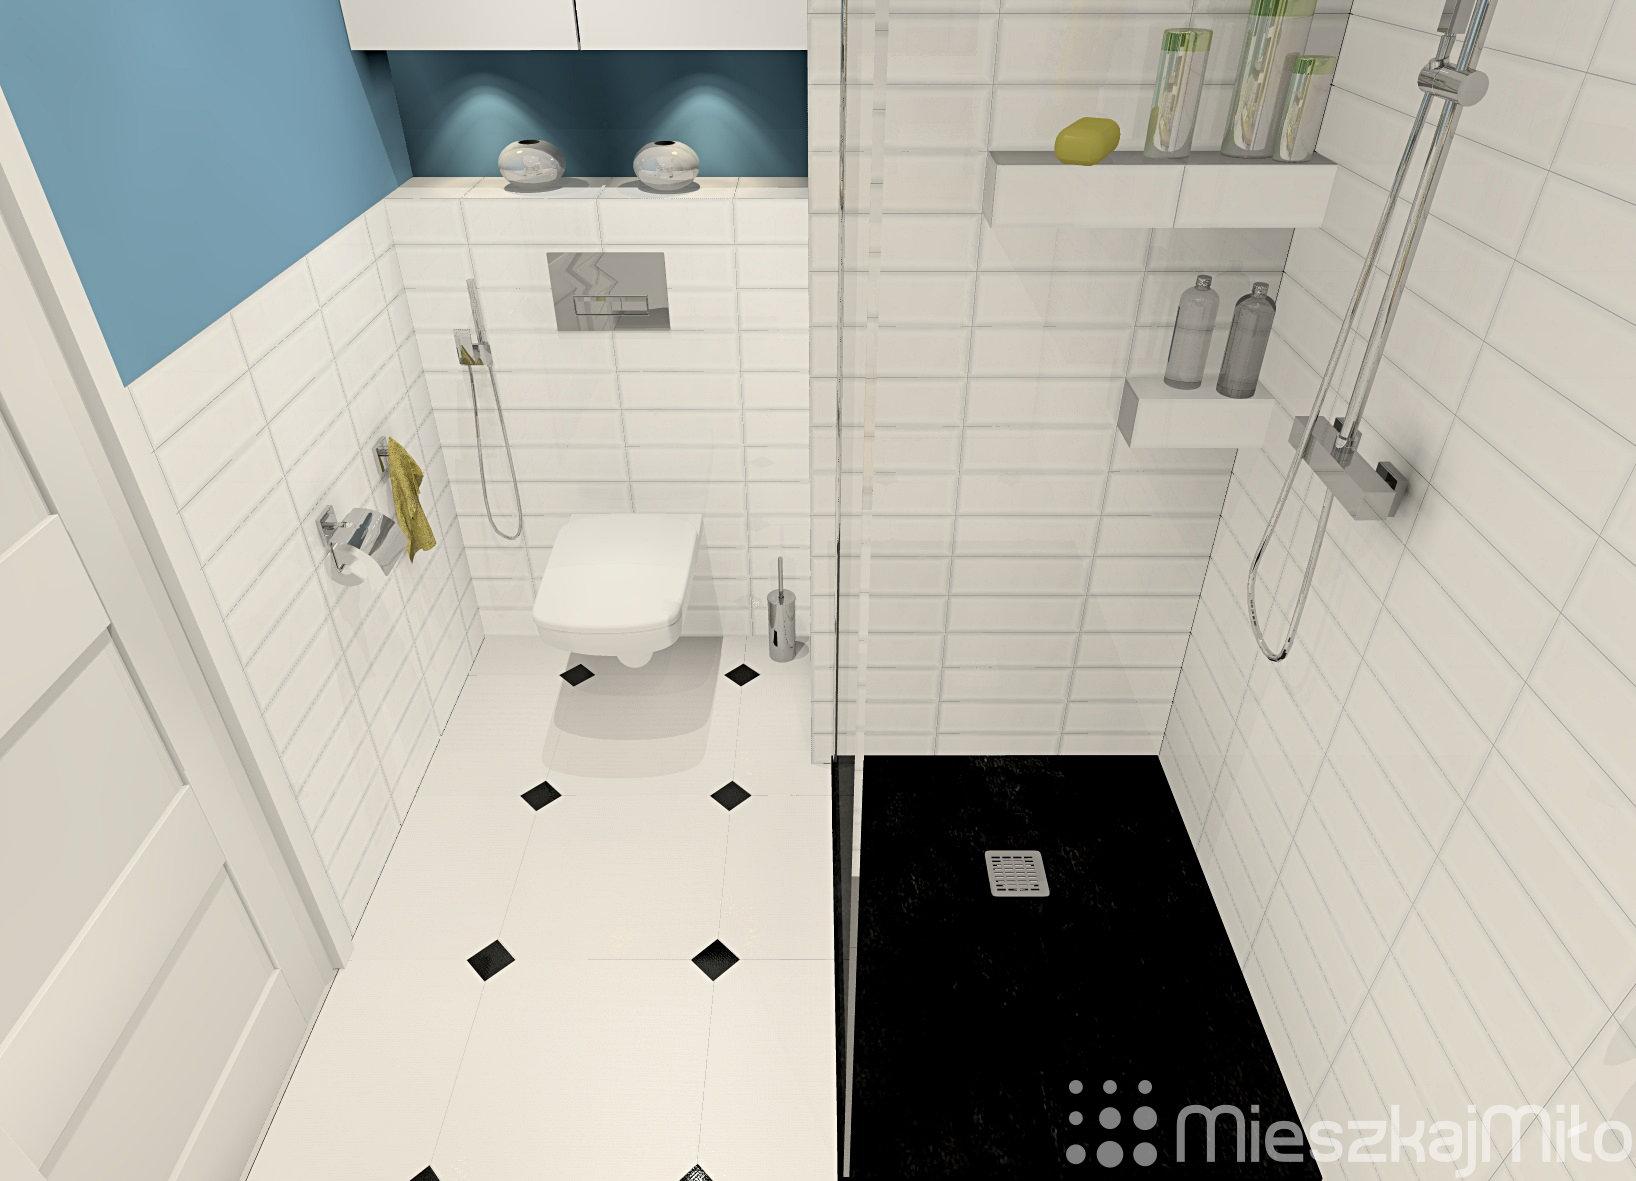 Aranżacja łazienki W Bloku Mieszkaj Miło Aranżacja Wnętrz Na